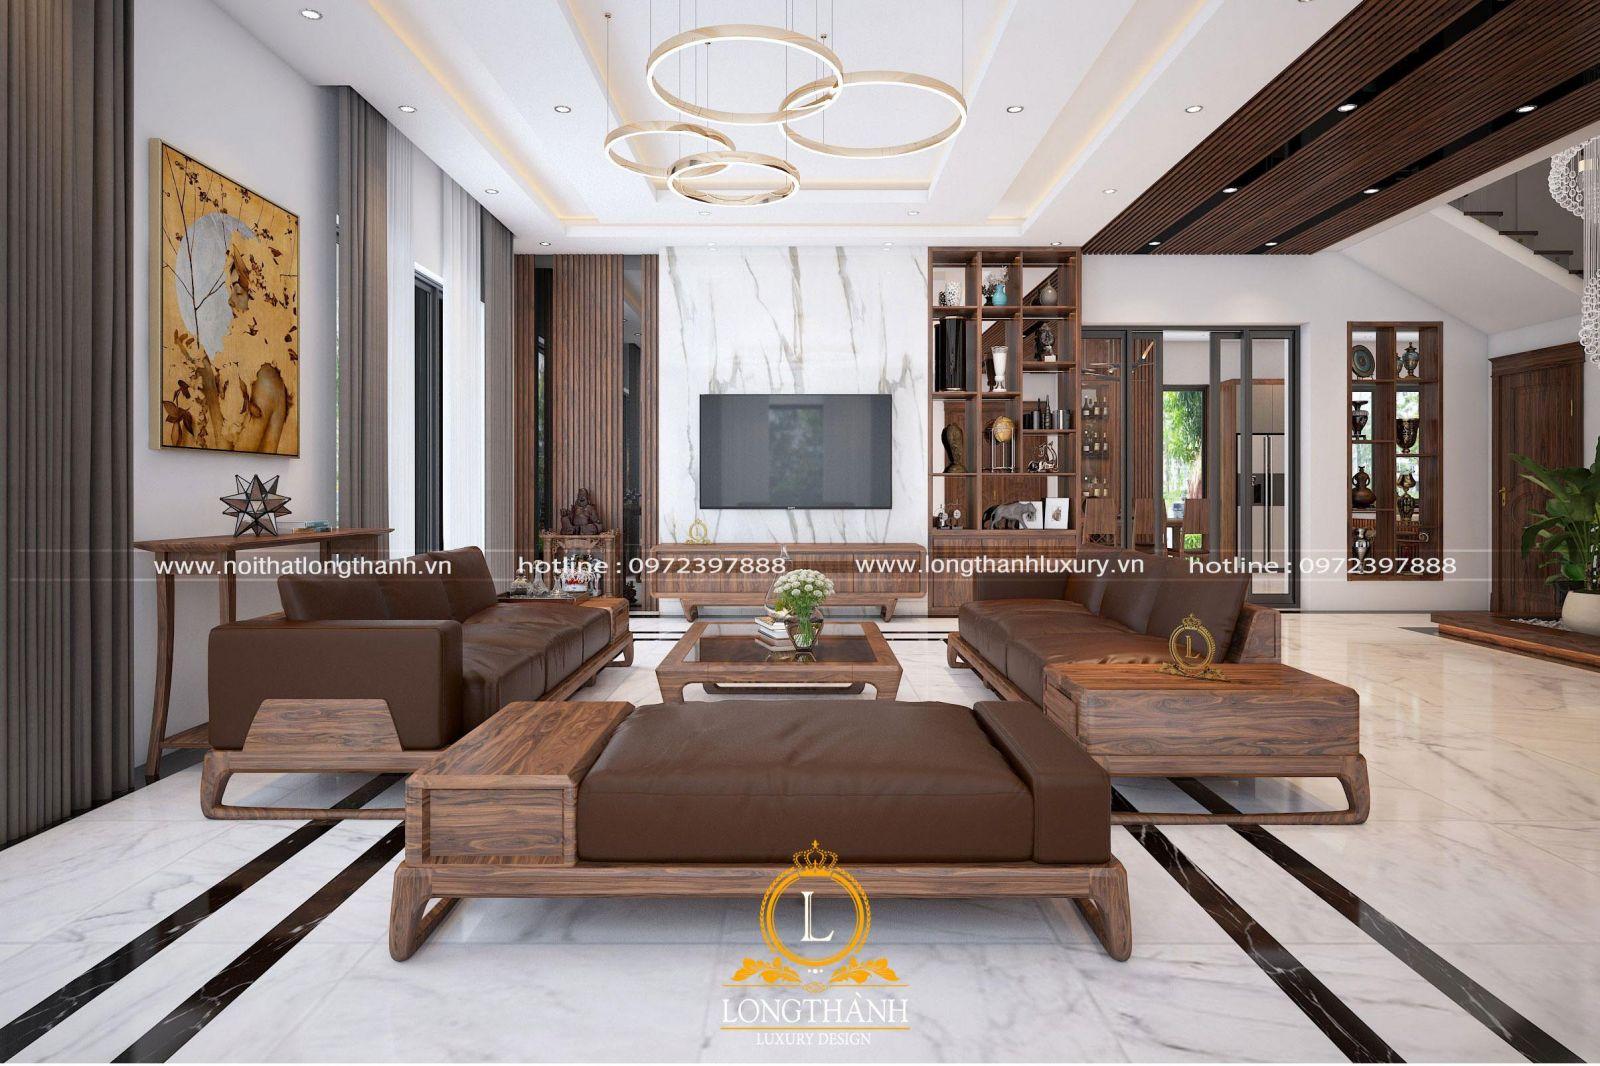 Mẫu phòng khách thiết kế theo phong cách hiện đại được ưa chuộng năm 2020